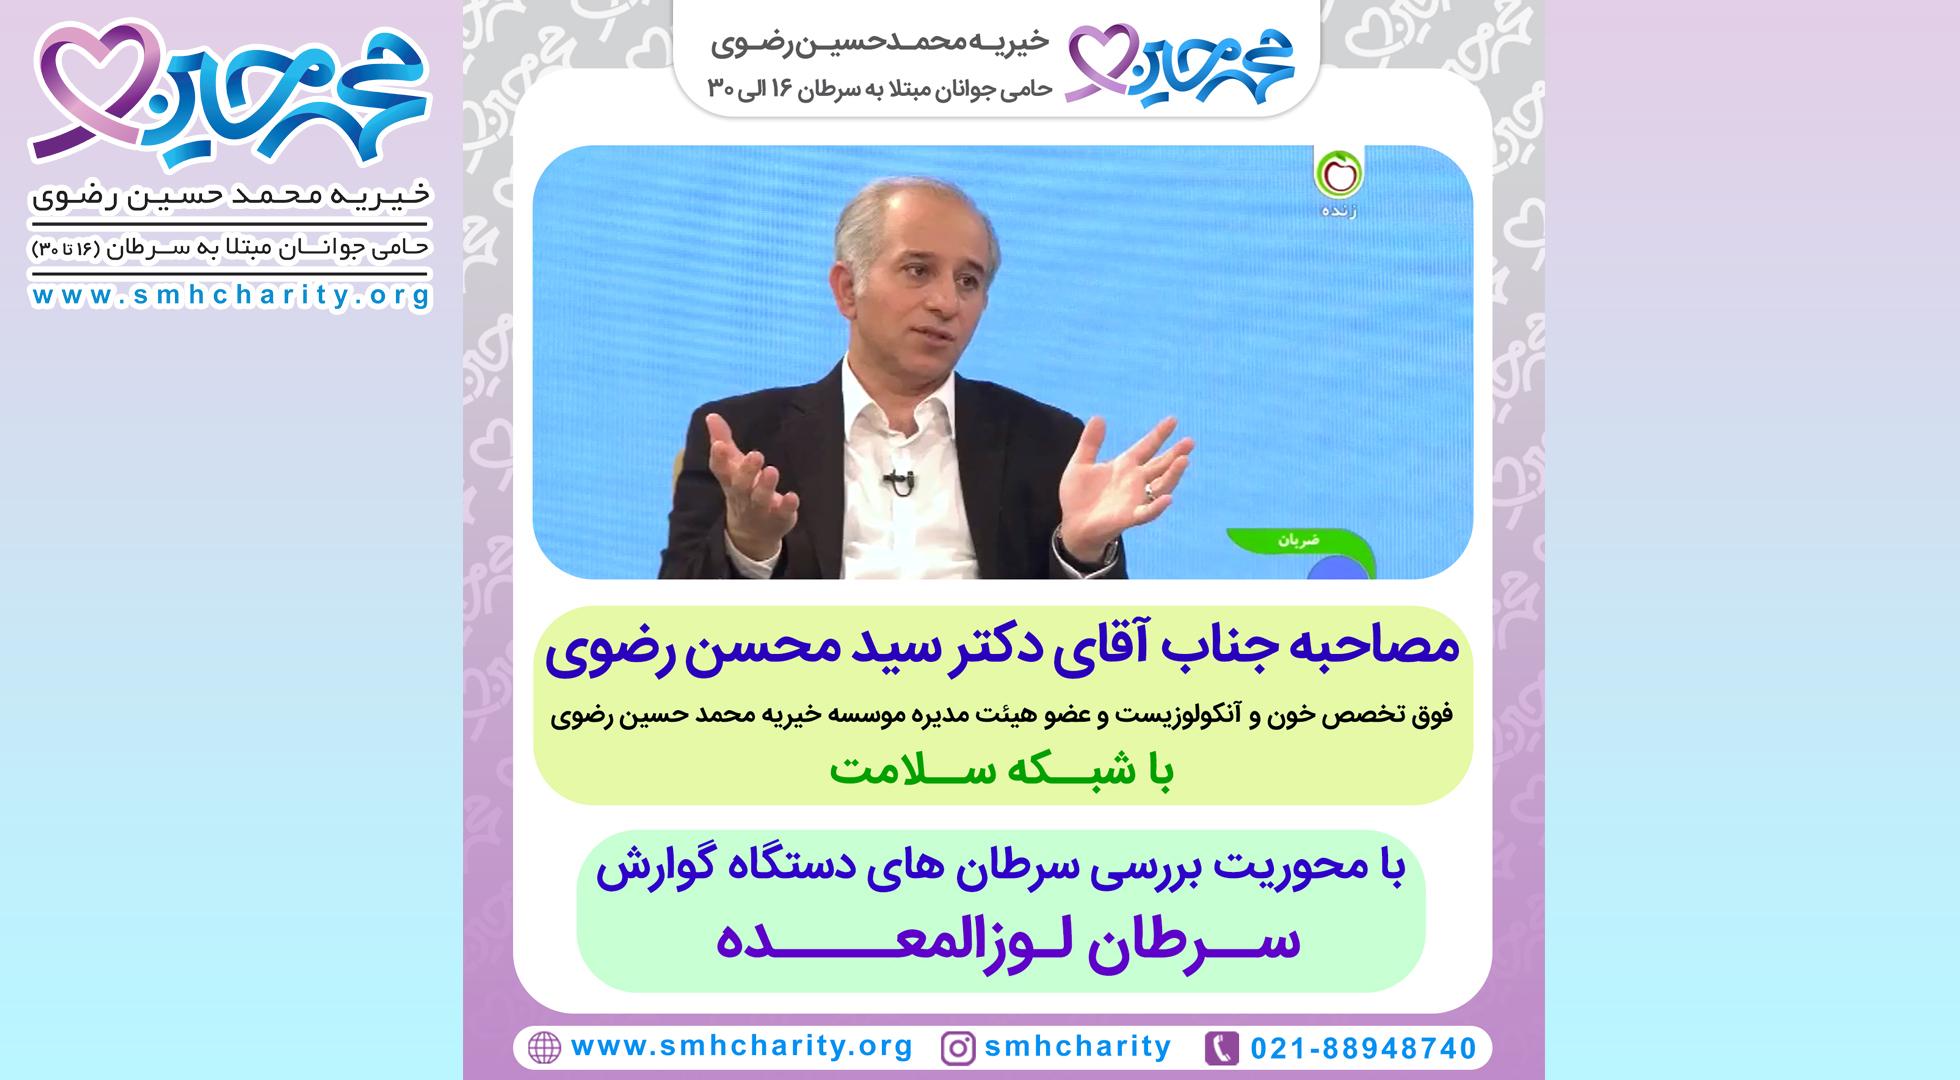 مصاحبه دکتر محسن رضوی درباره سرطان لوزالمعده